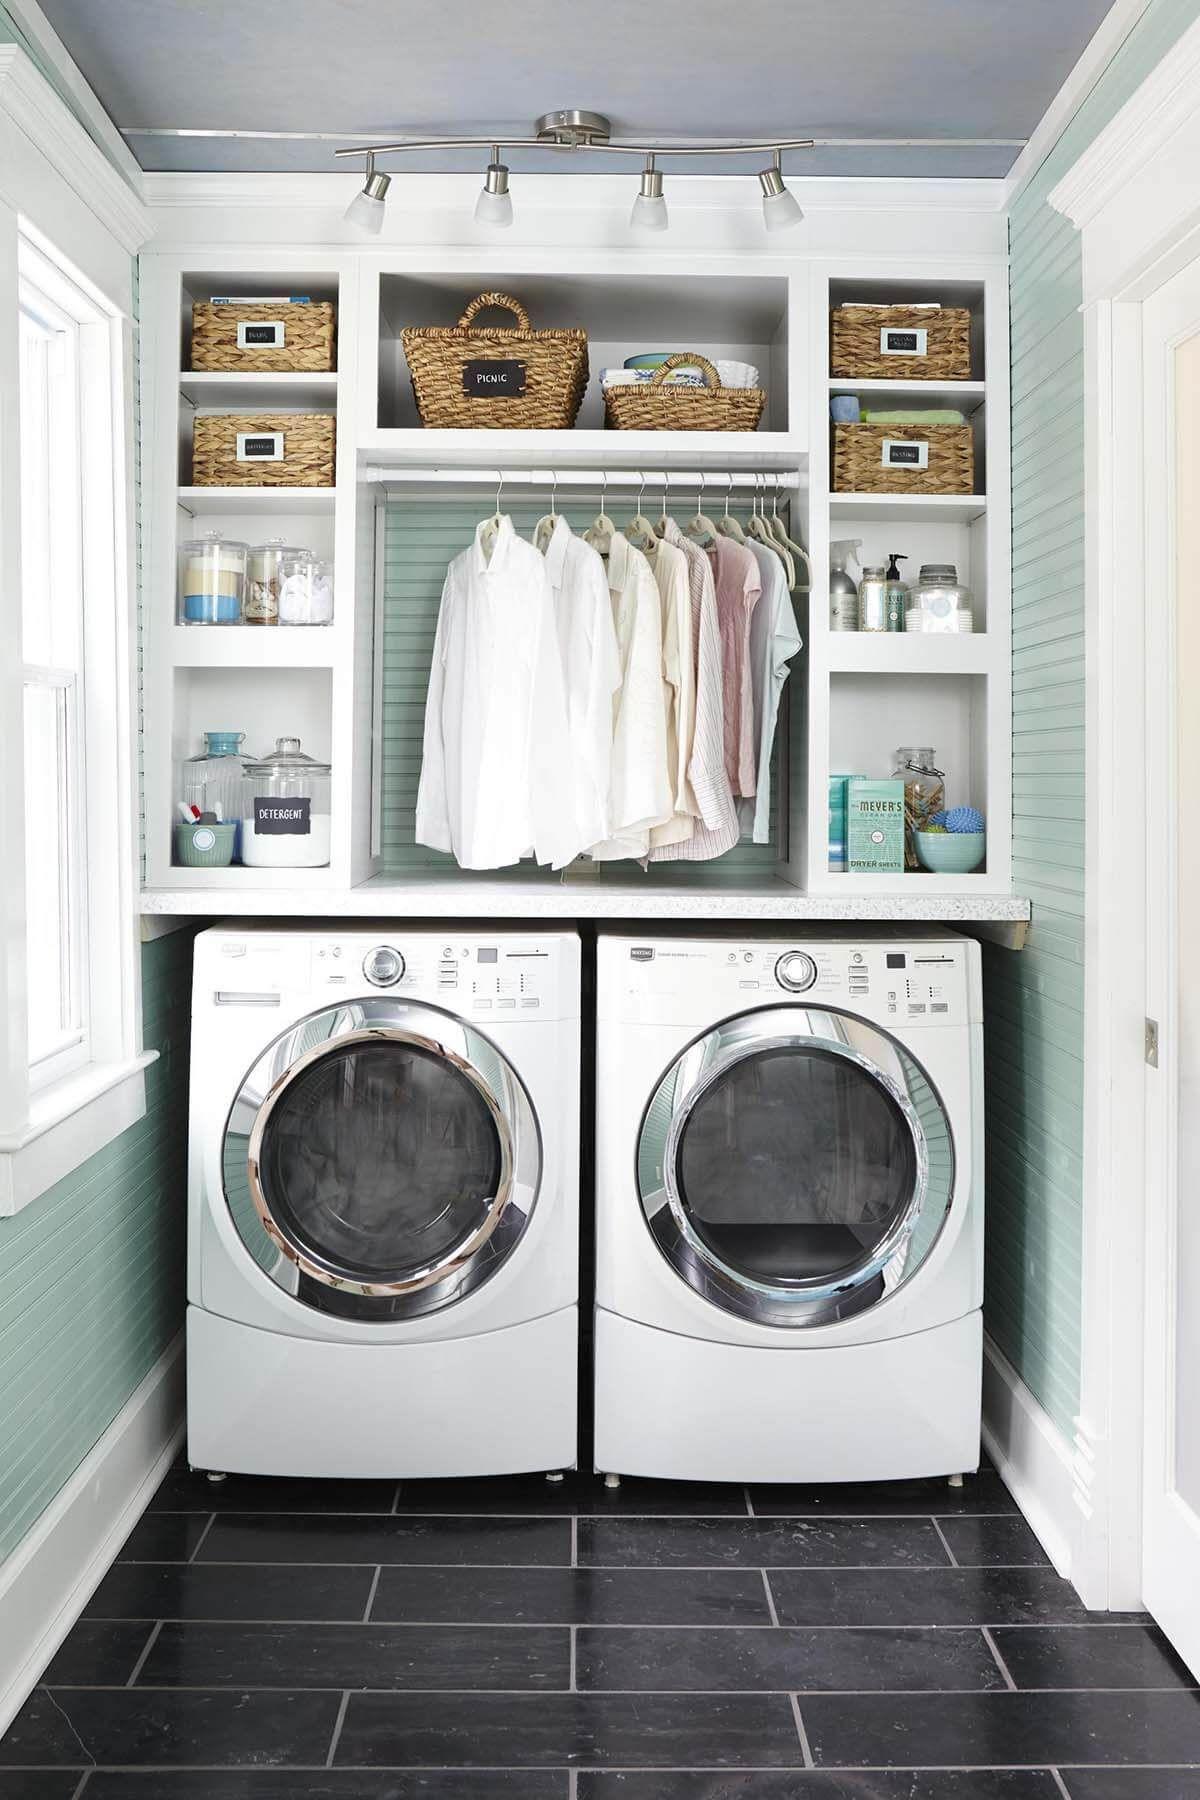 Photo of Tolle Möglichkeit, Kleiderbügel (zum Trocknen von Kleidung) in einen winzigen Waschraum zu bringen.